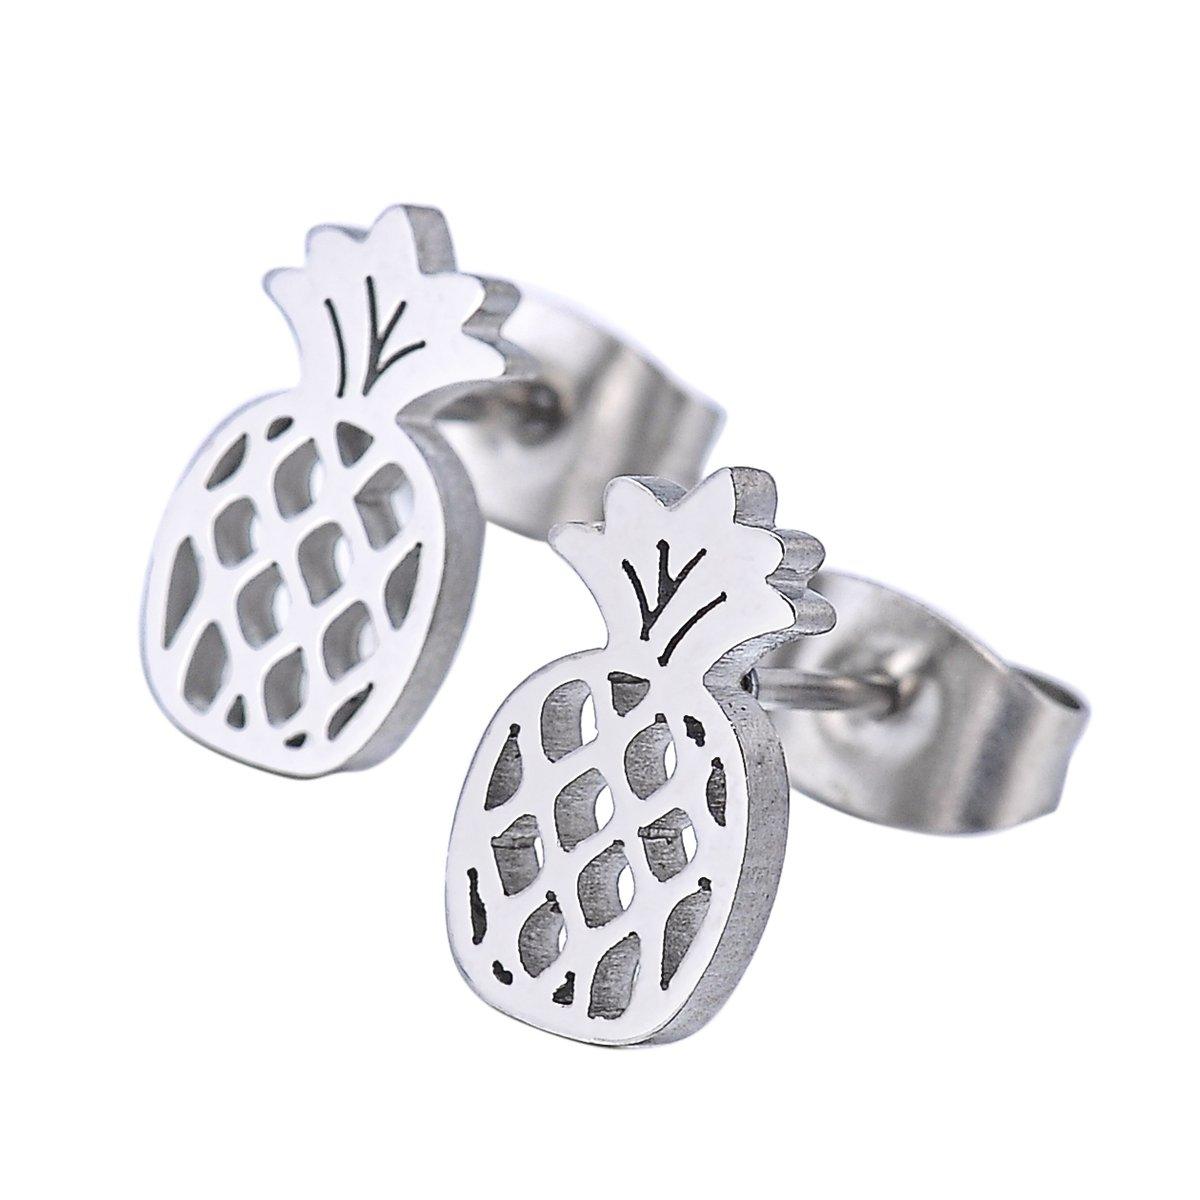 HOUSWEETY 1 Pair Jewellery Women's Stainless Steel Pineapple Stud Earrings HOUSWEETYB131852